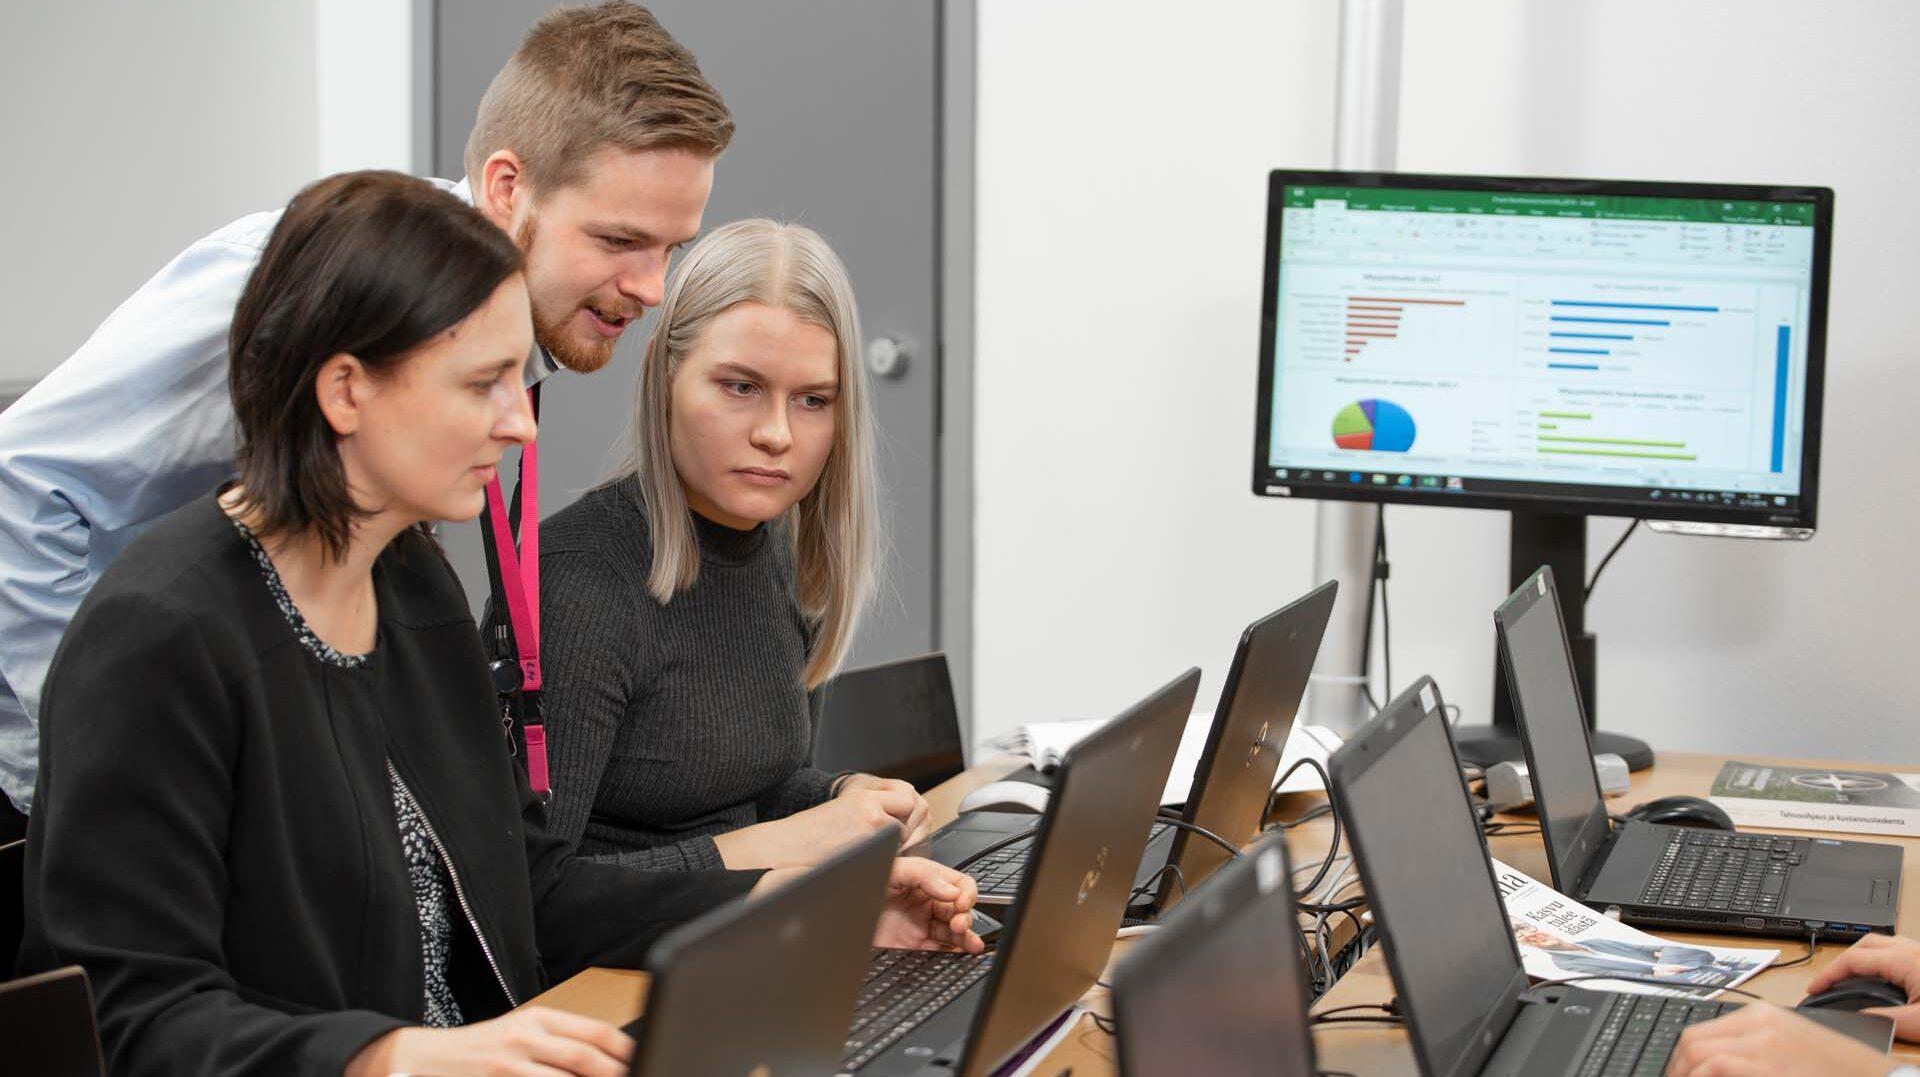 Kolme opiskelijaa työsnkentelee tietokoneilla.